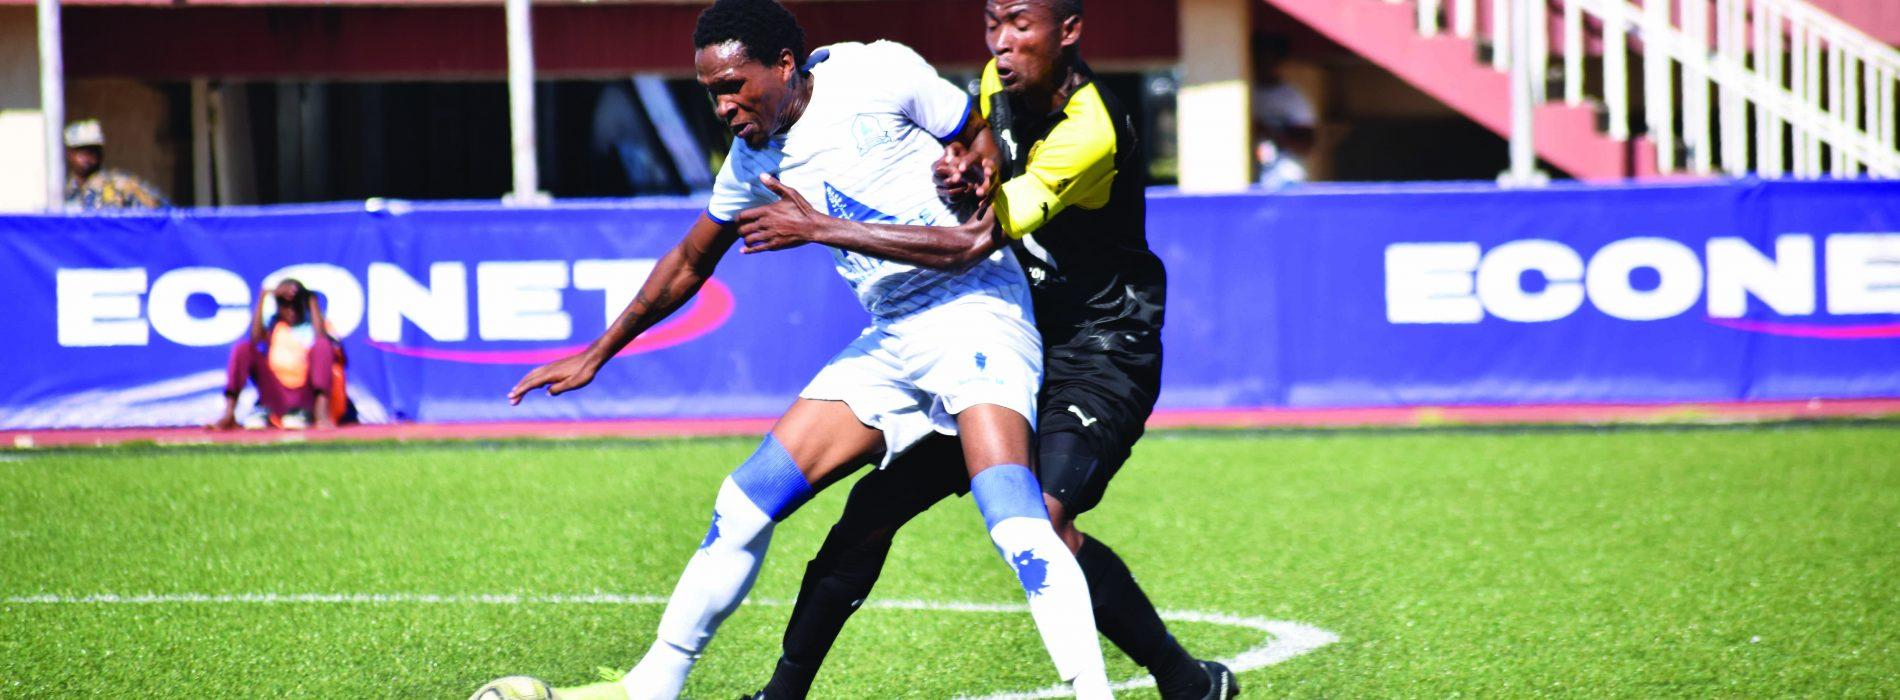 Bantu maintains unbeaten run